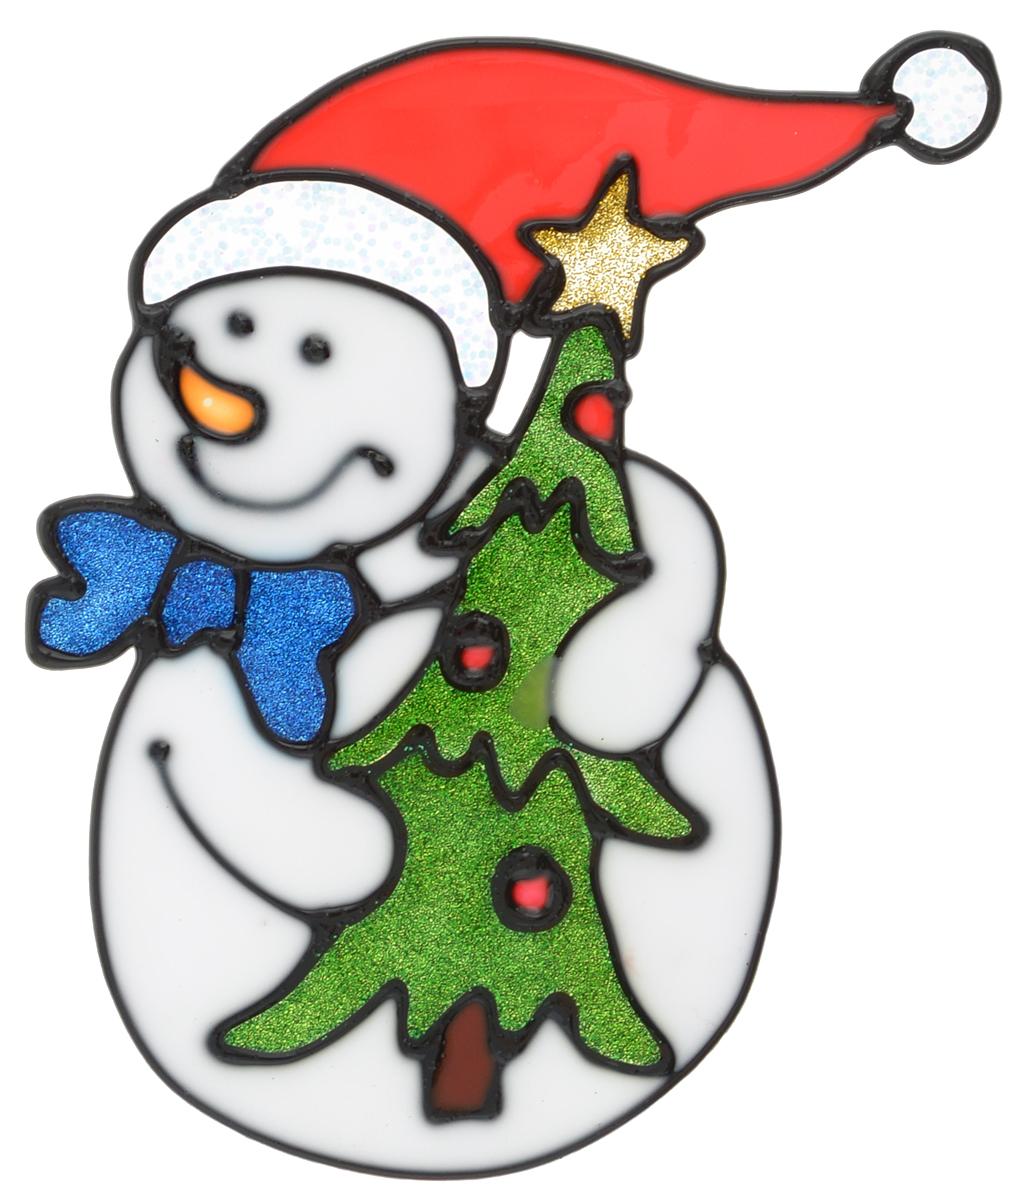 Наклейка на окно Erich Krause Ловкий снеговик, 13,5 х 11 смRSP-202SНаклейка на окно Erich Krause Ловкий снеговик выполнена в виде снеговика с елочкой.С помощью больших витражных наклеек на окно Erich Krause можно составлять на стекле целые зимние сюжеты, которые будут радовать глаз, и поднимать настроение в праздничные дни! Так же Вы можете преподнести этот сувенир в качестве мини-презента коллегам, близким и друзьям с пожеланиями счастливого Нового Года!Размер наклейки: 13,5 х 11 см